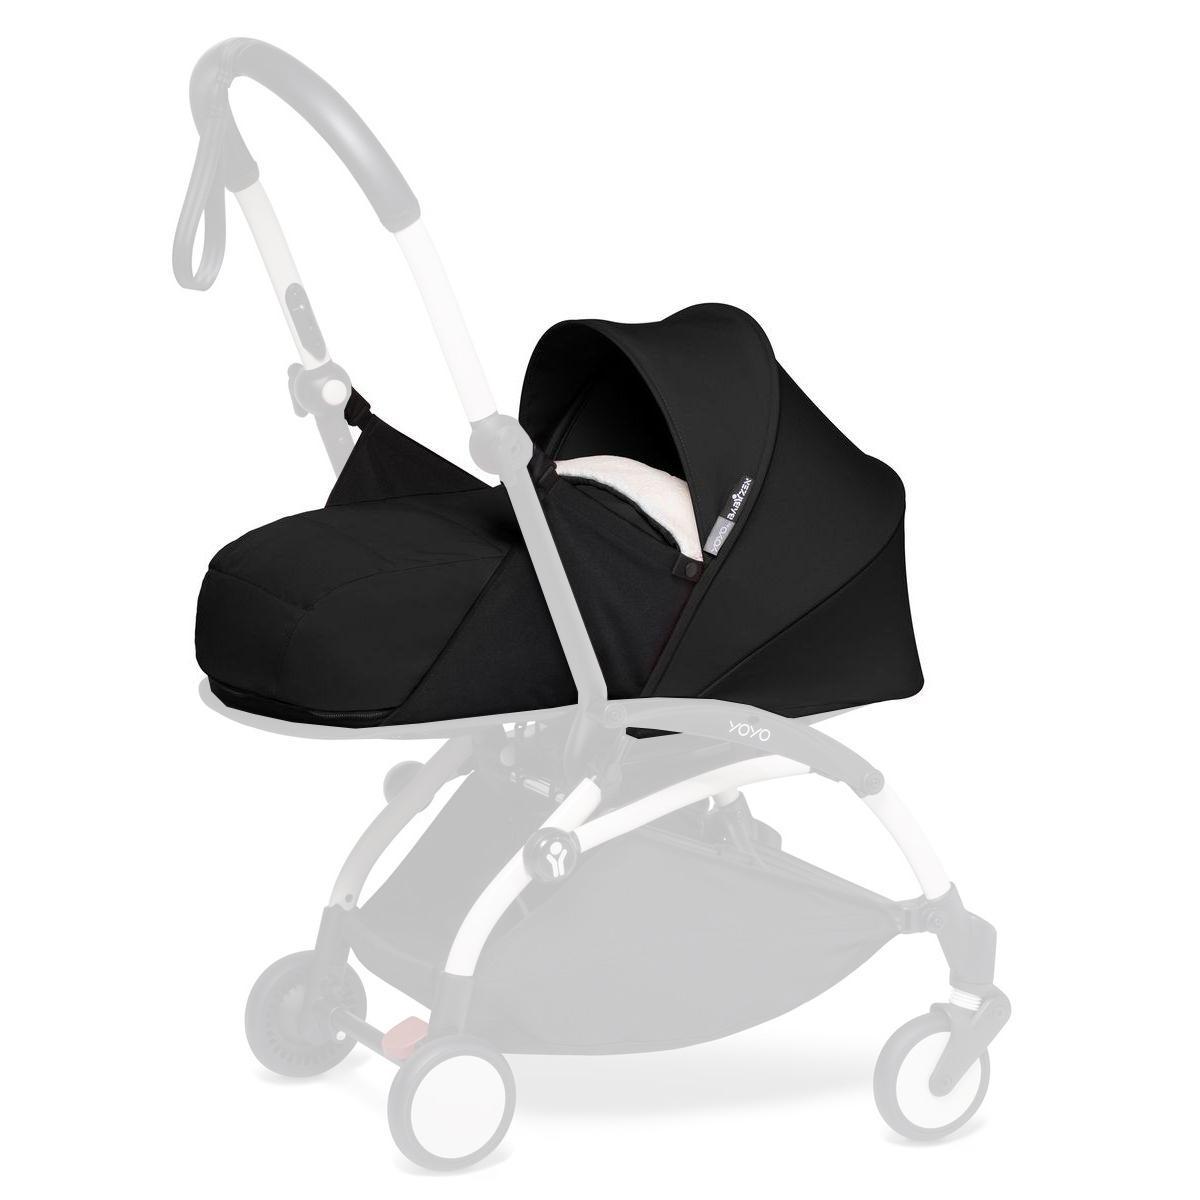 YOYO pack 0+ recién nacido BABYZEN negro